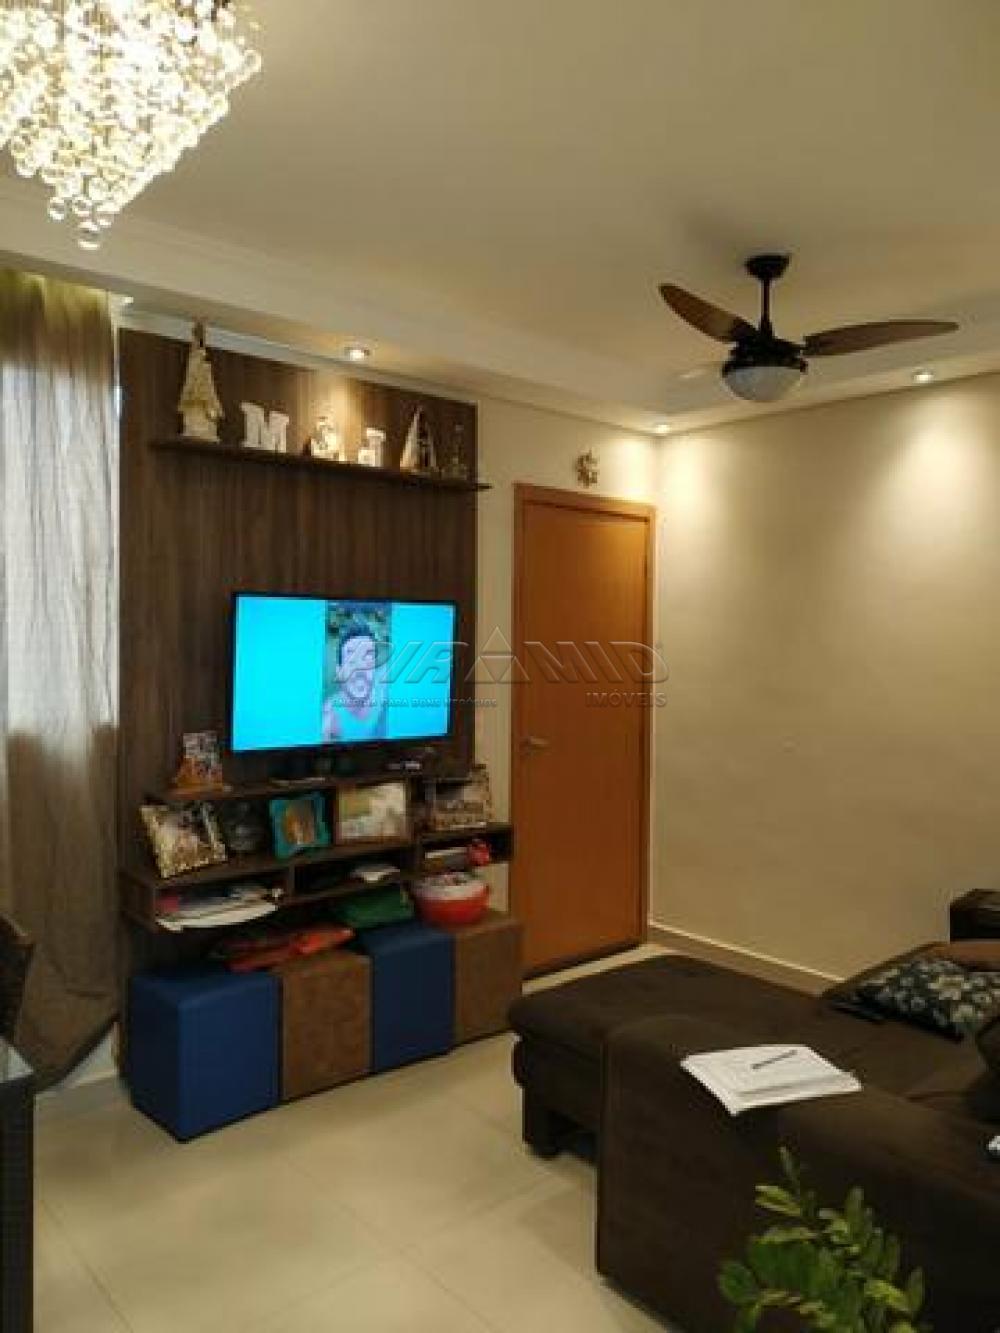 Comprar Apartamento / Padrão em Ribeirão Preto R$ 215.000,00 - Foto 1